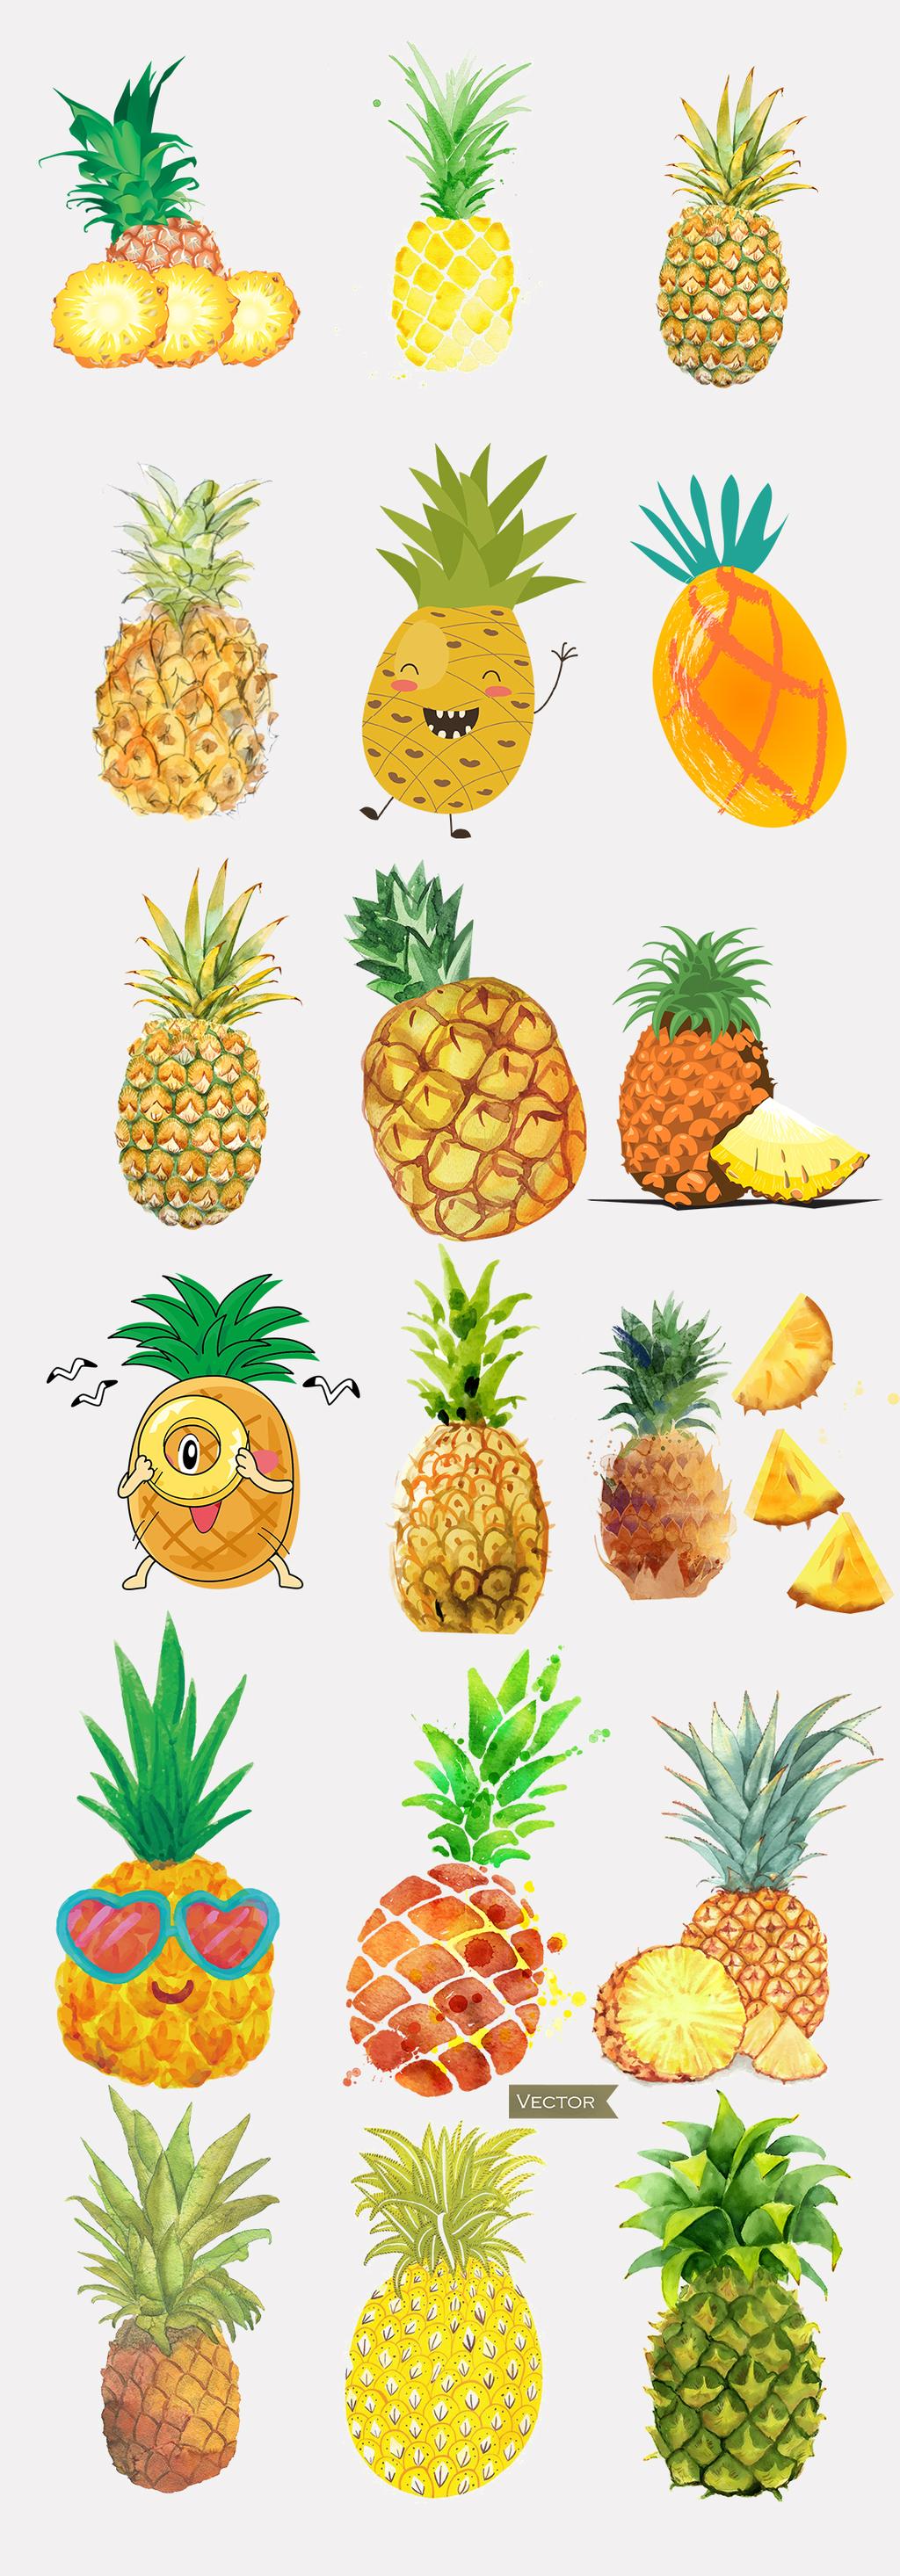 手绘菠萝                                    可爱小